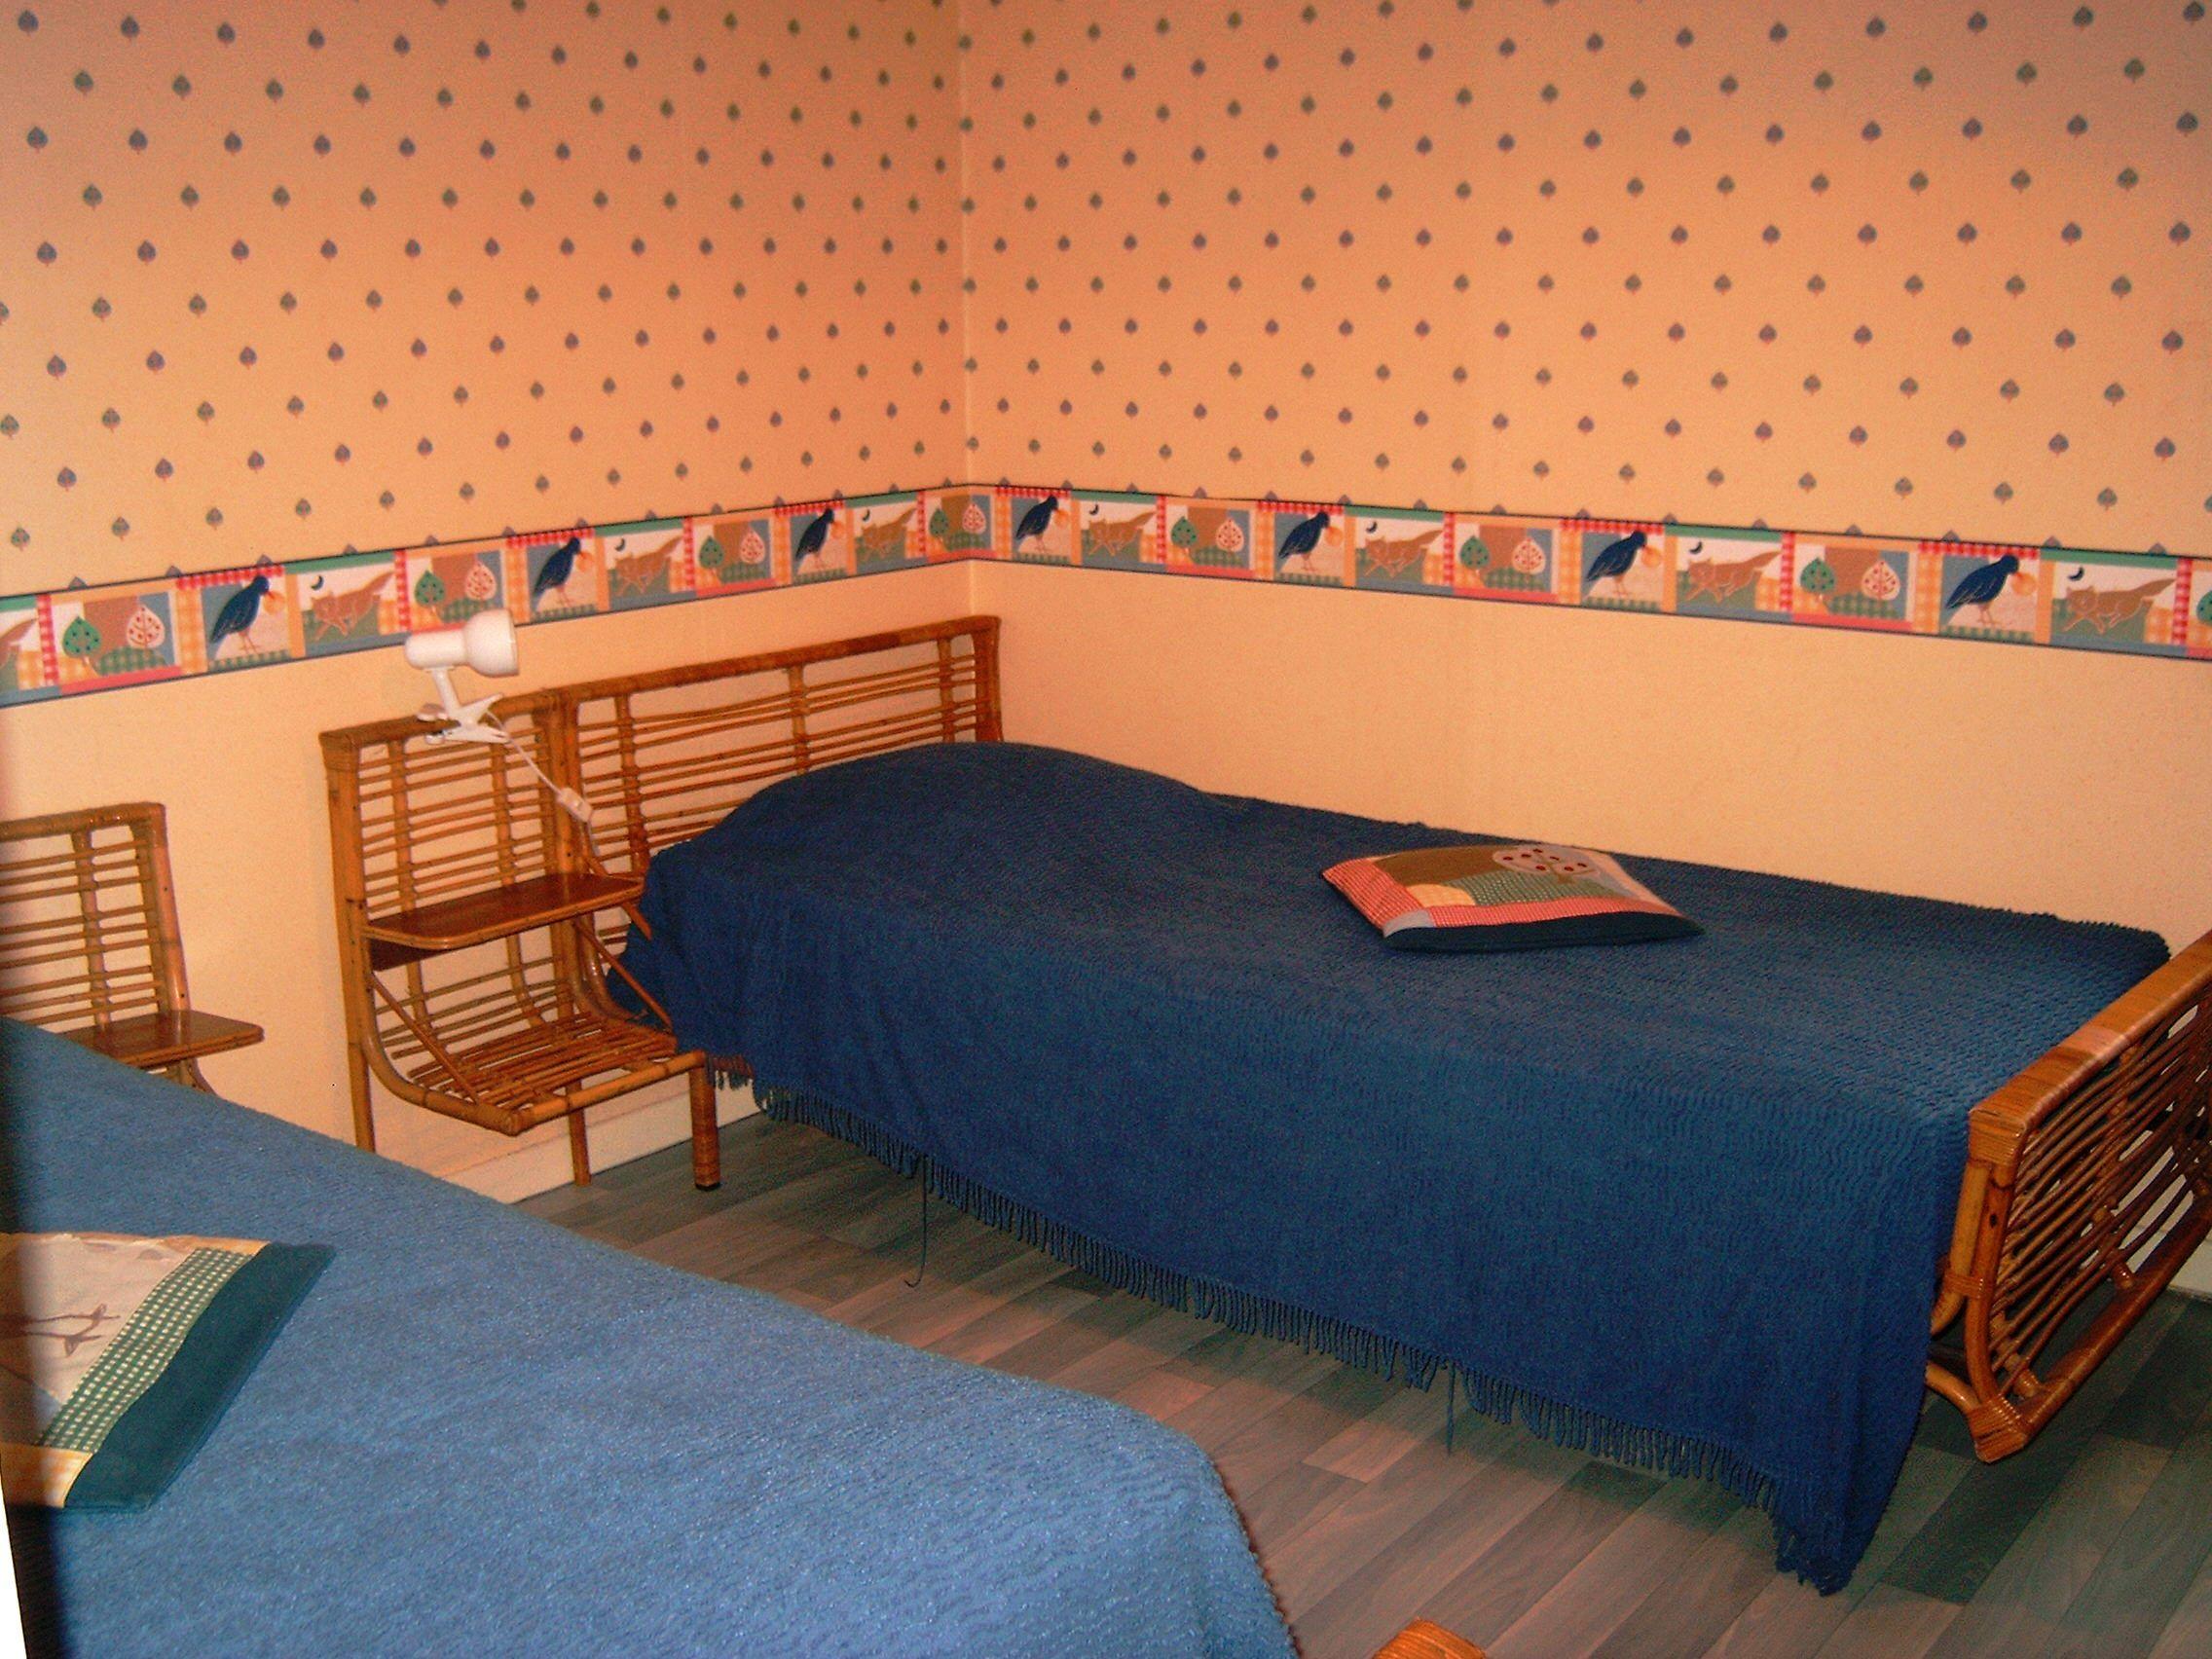 meubl du pre des gouttes 4 personnes saint nabord saint nabord 88200 meubl s de. Black Bedroom Furniture Sets. Home Design Ideas